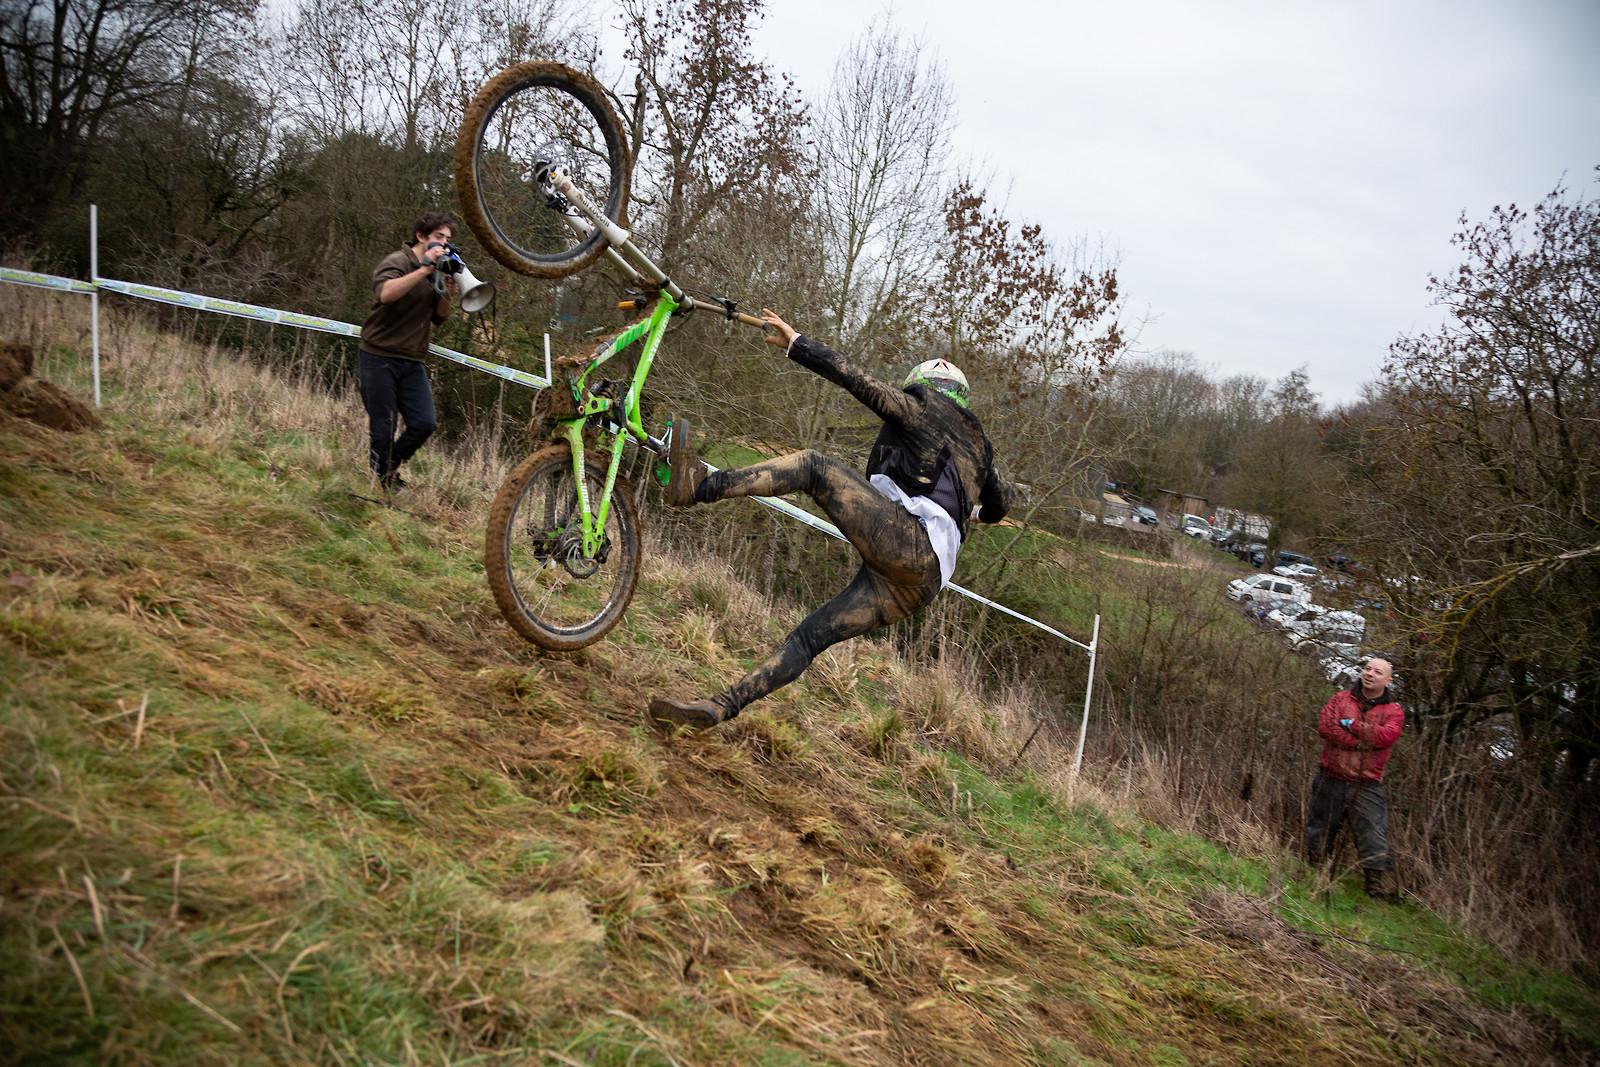 Best Trick Challenge - Dadcamtv - Mountain Biking Pictures - Vital MTB